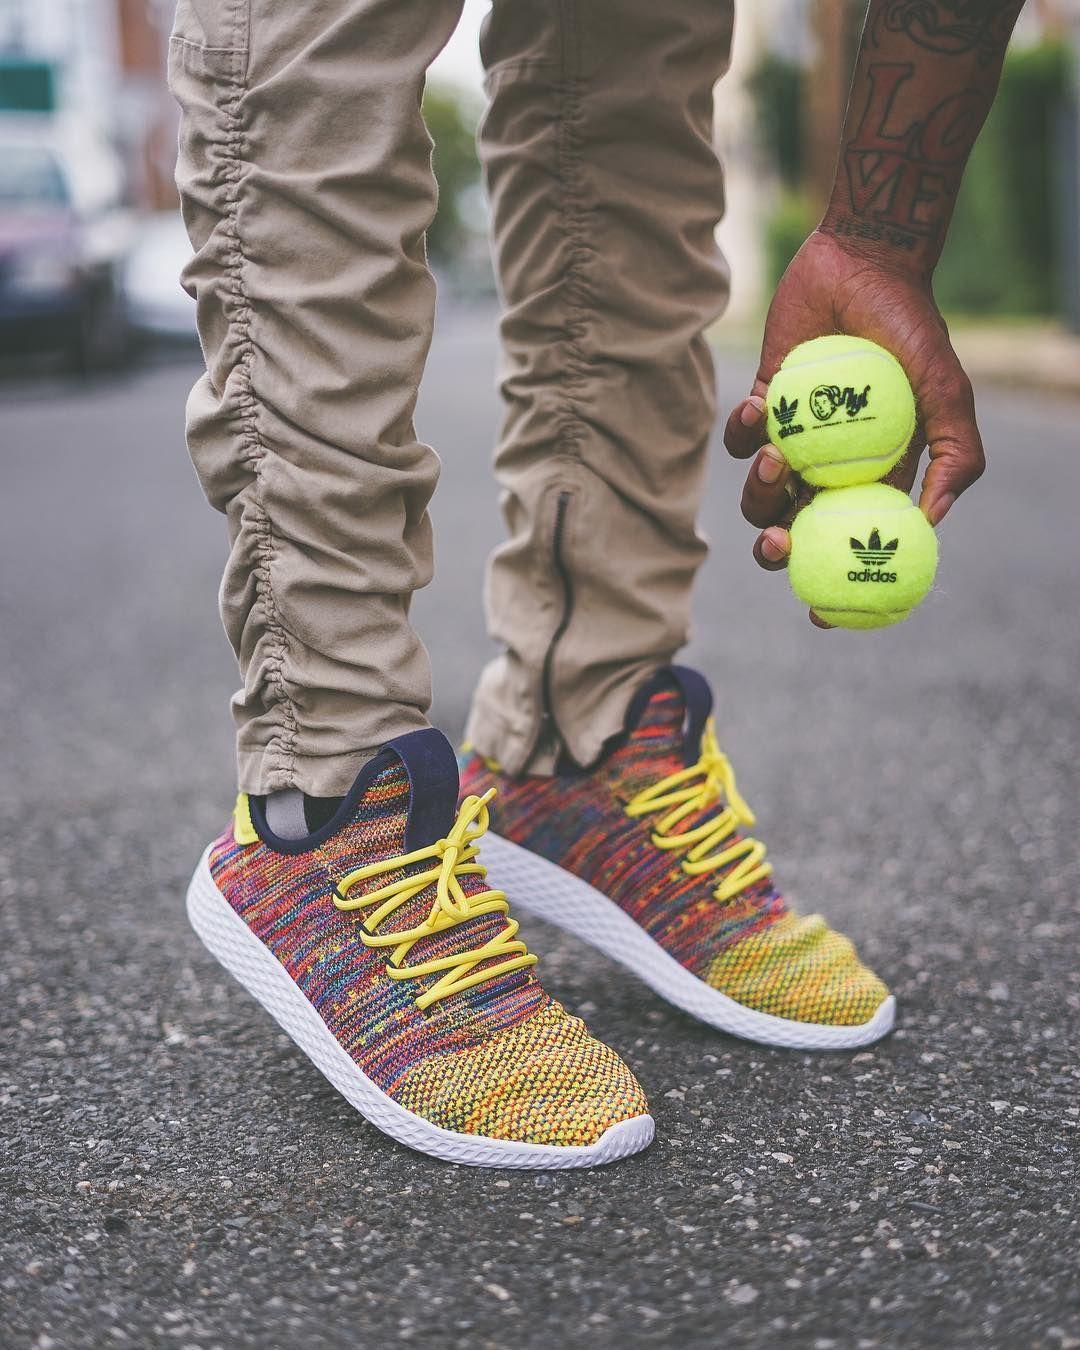 b205f268a3627 adidas x Pharrell Williams Tennis Hu